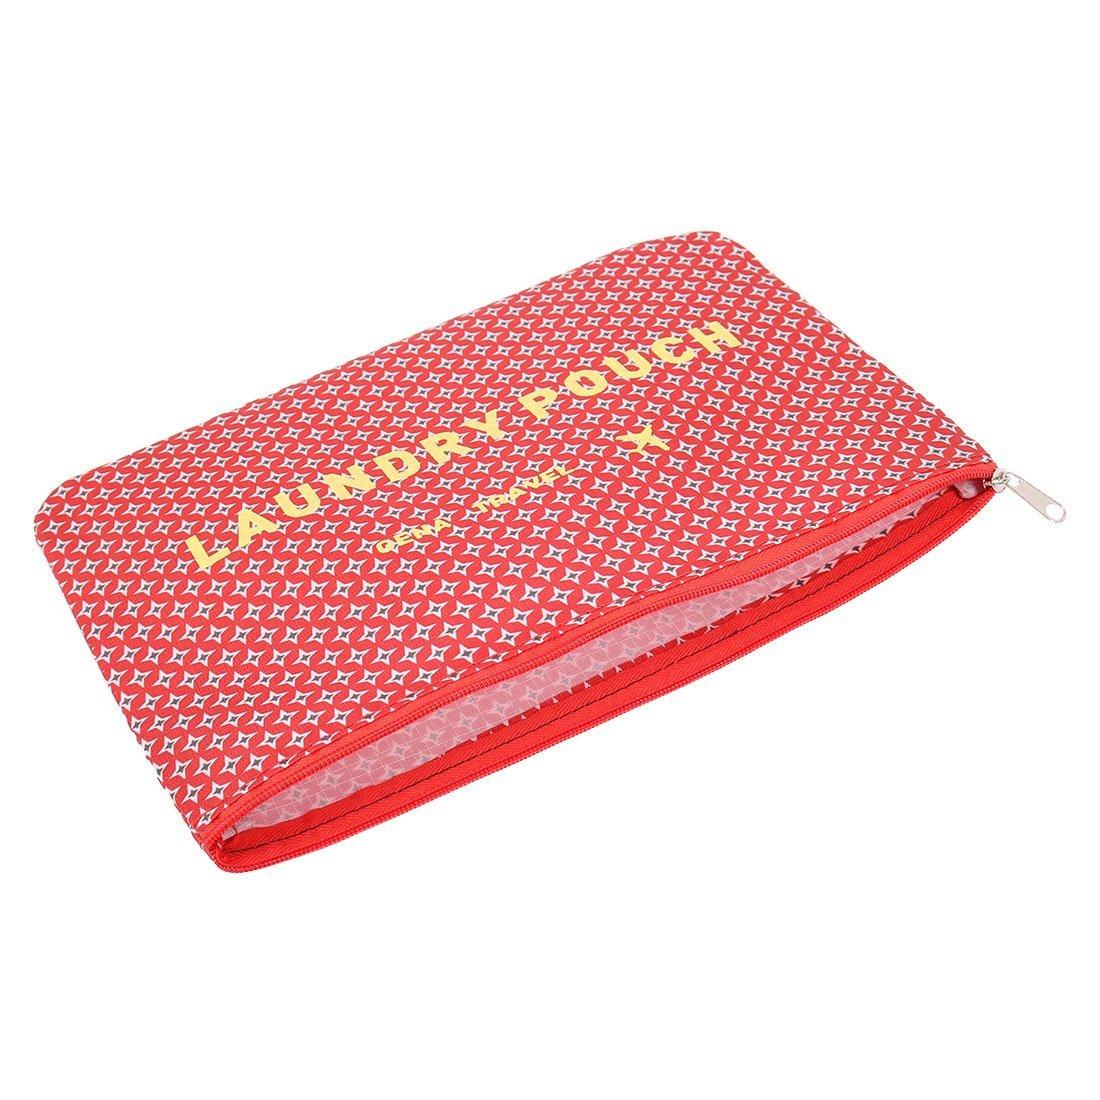 Amazon.com: eDealMax Patrón Estrella Exterior Con cremallera Cosméticos Ropa de equipaje de embalaje Almacenamiento Bolsa de viaje DE 6 en 1 Rojo: Home & ...